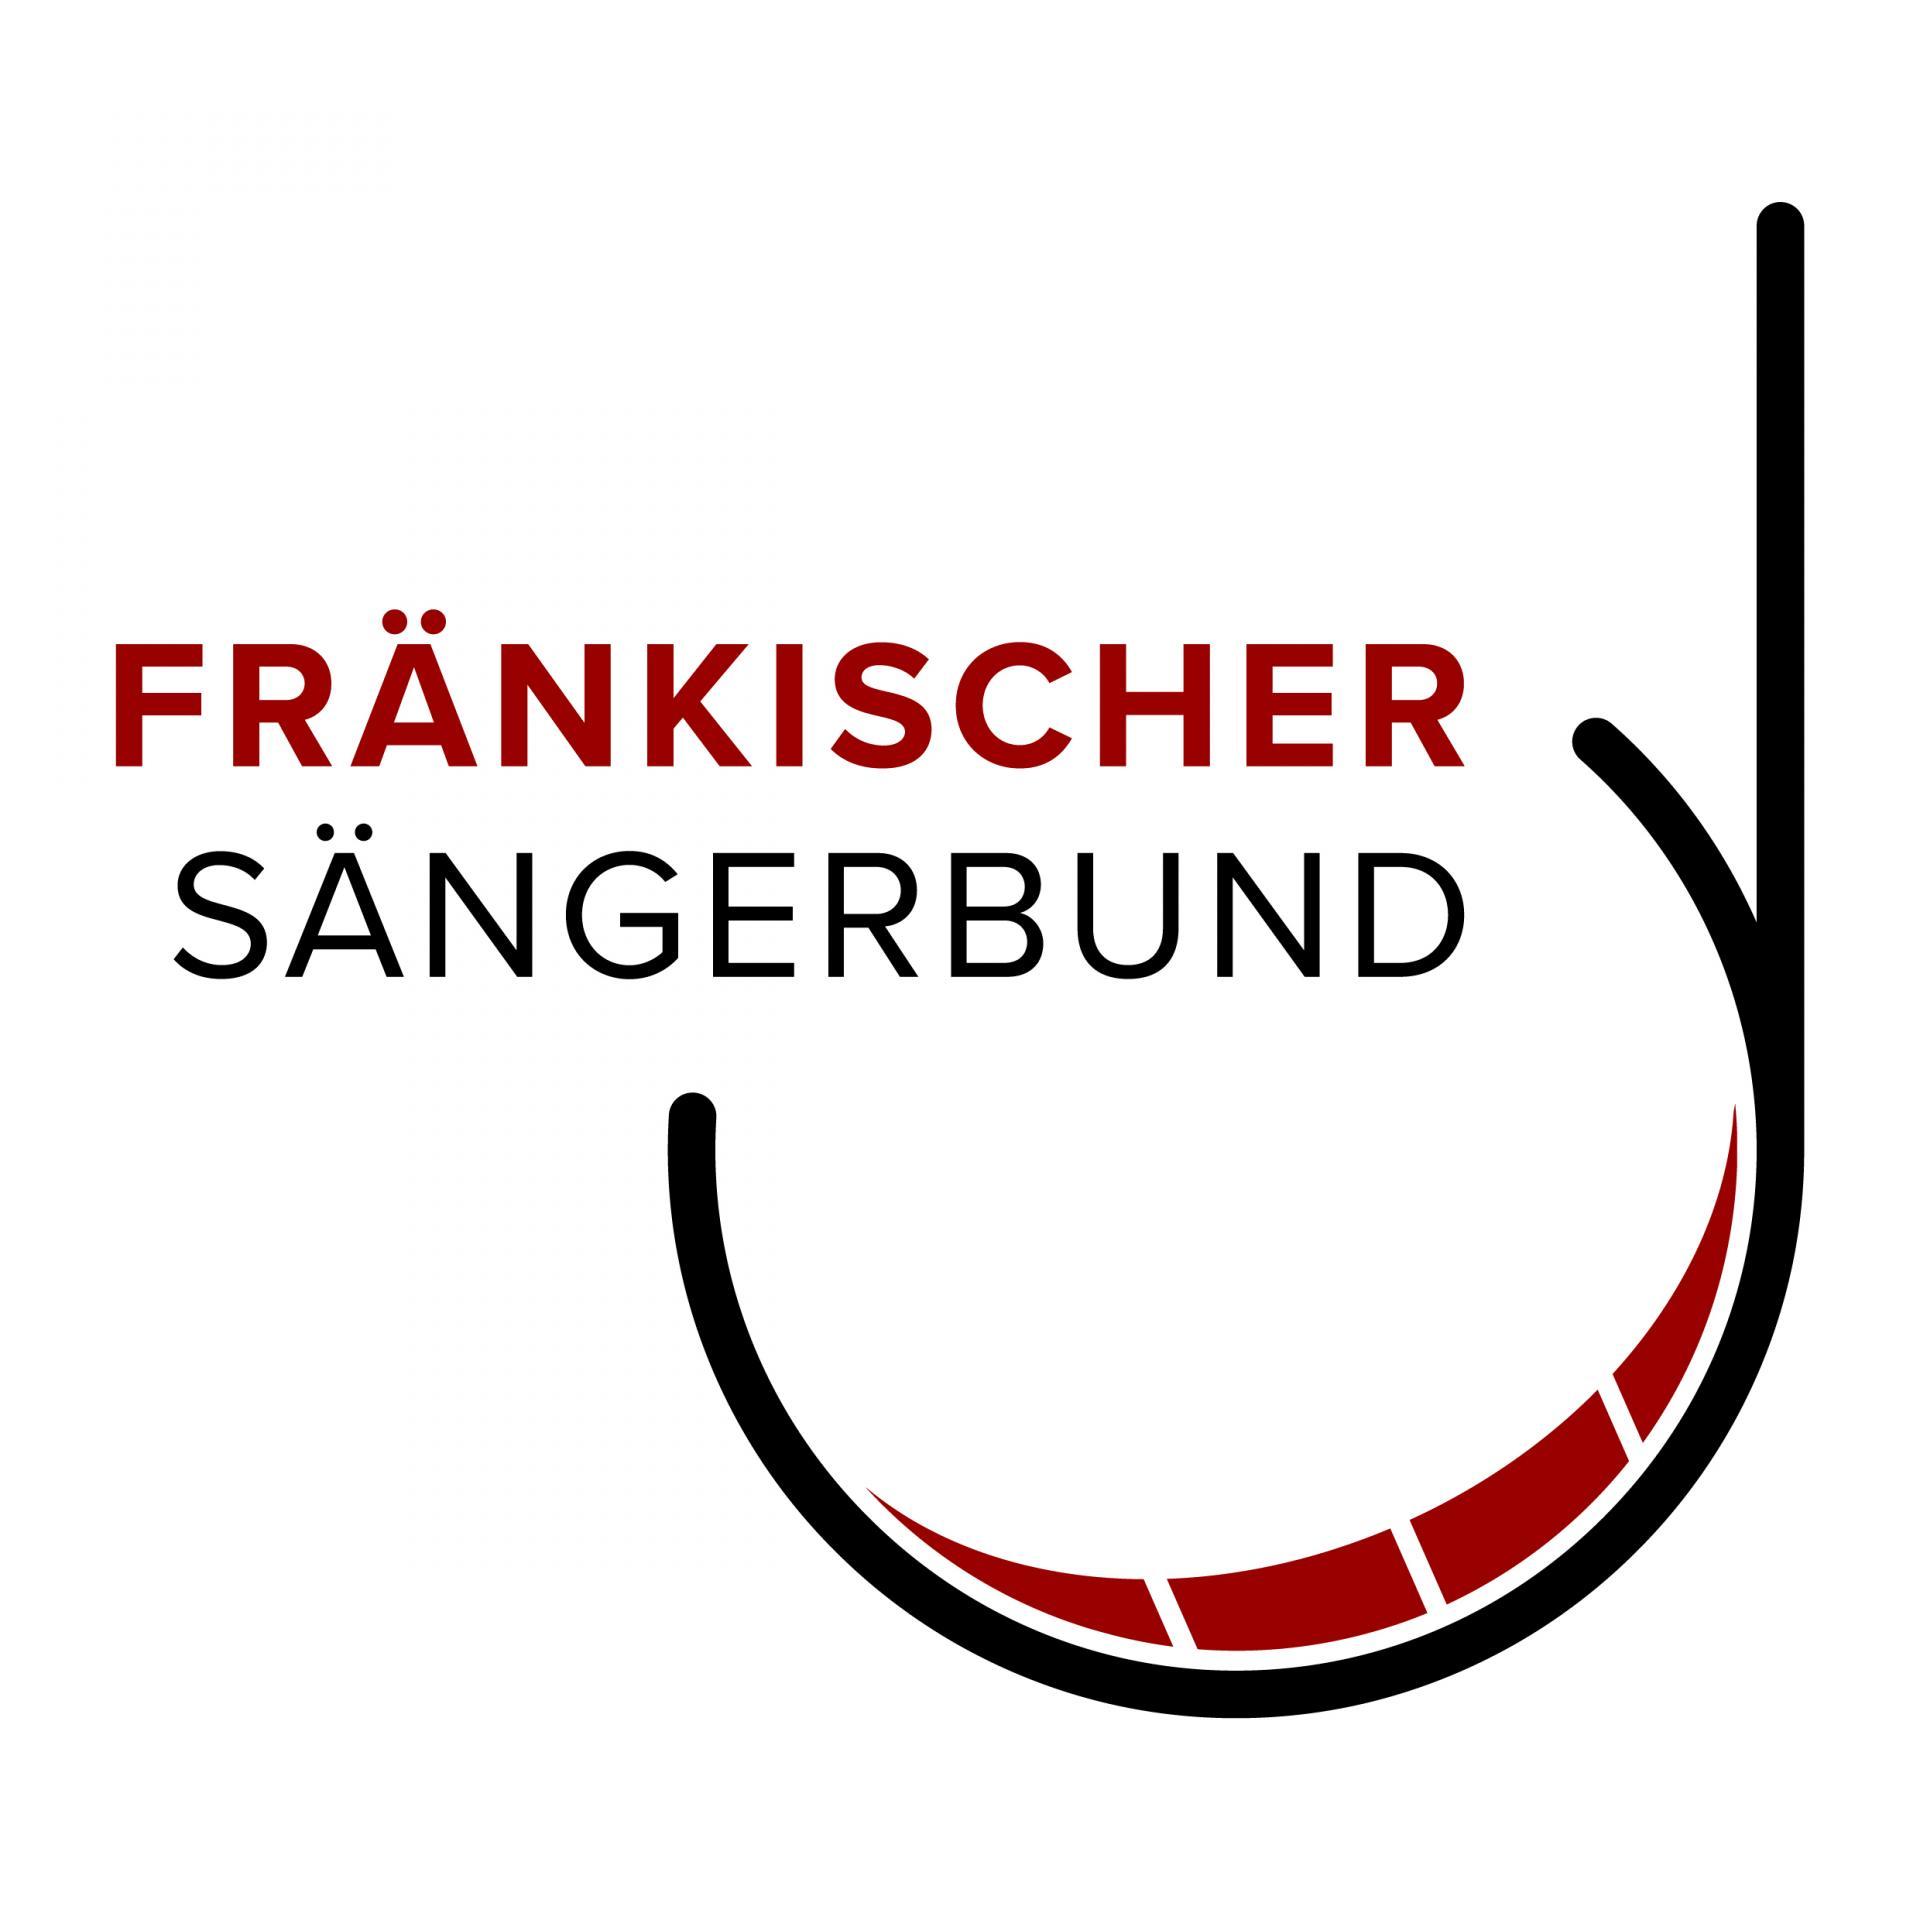 Fränkischer Sängerbund